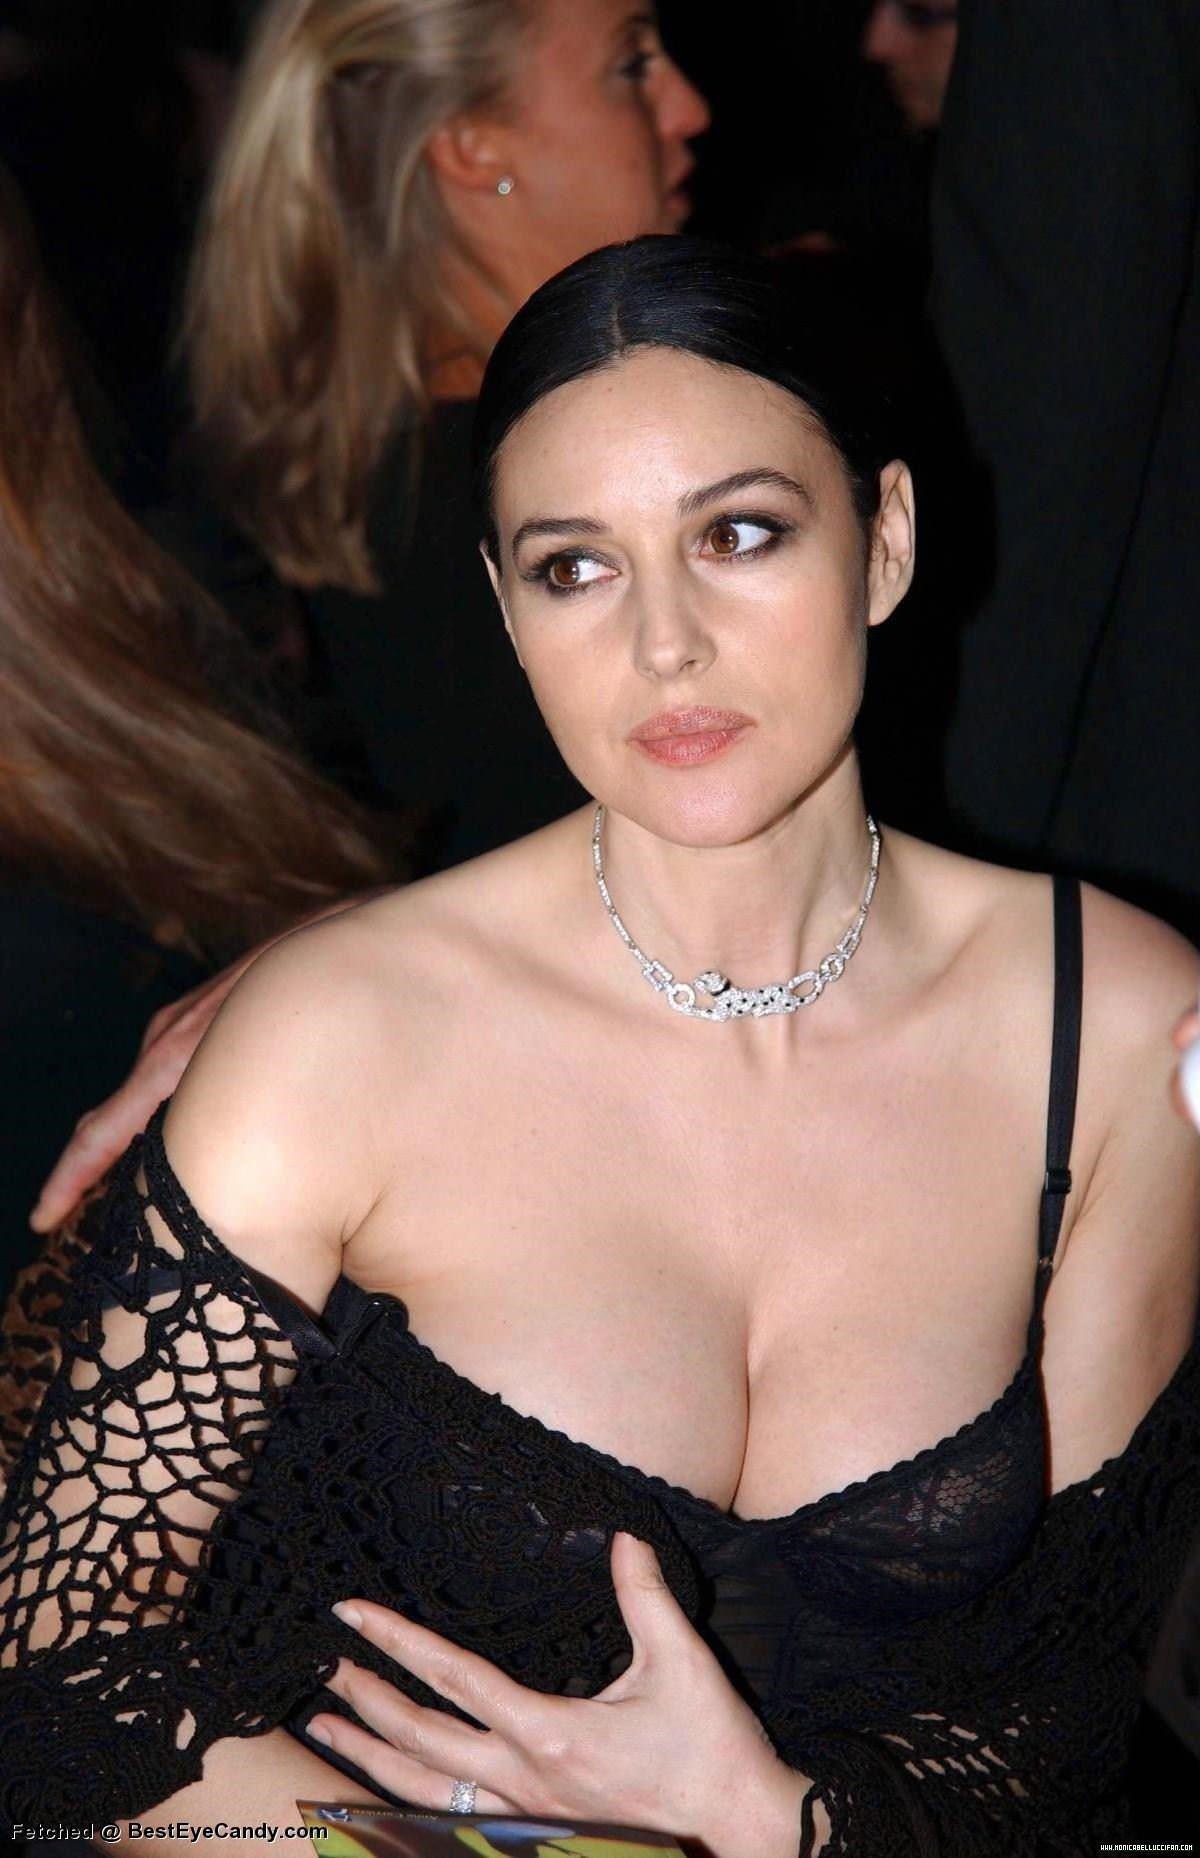 【外人】イタリア人女優モニカ・ベルッチ(Monica Bellucci)の大胆おっぱい露出ポルノ画像 1962